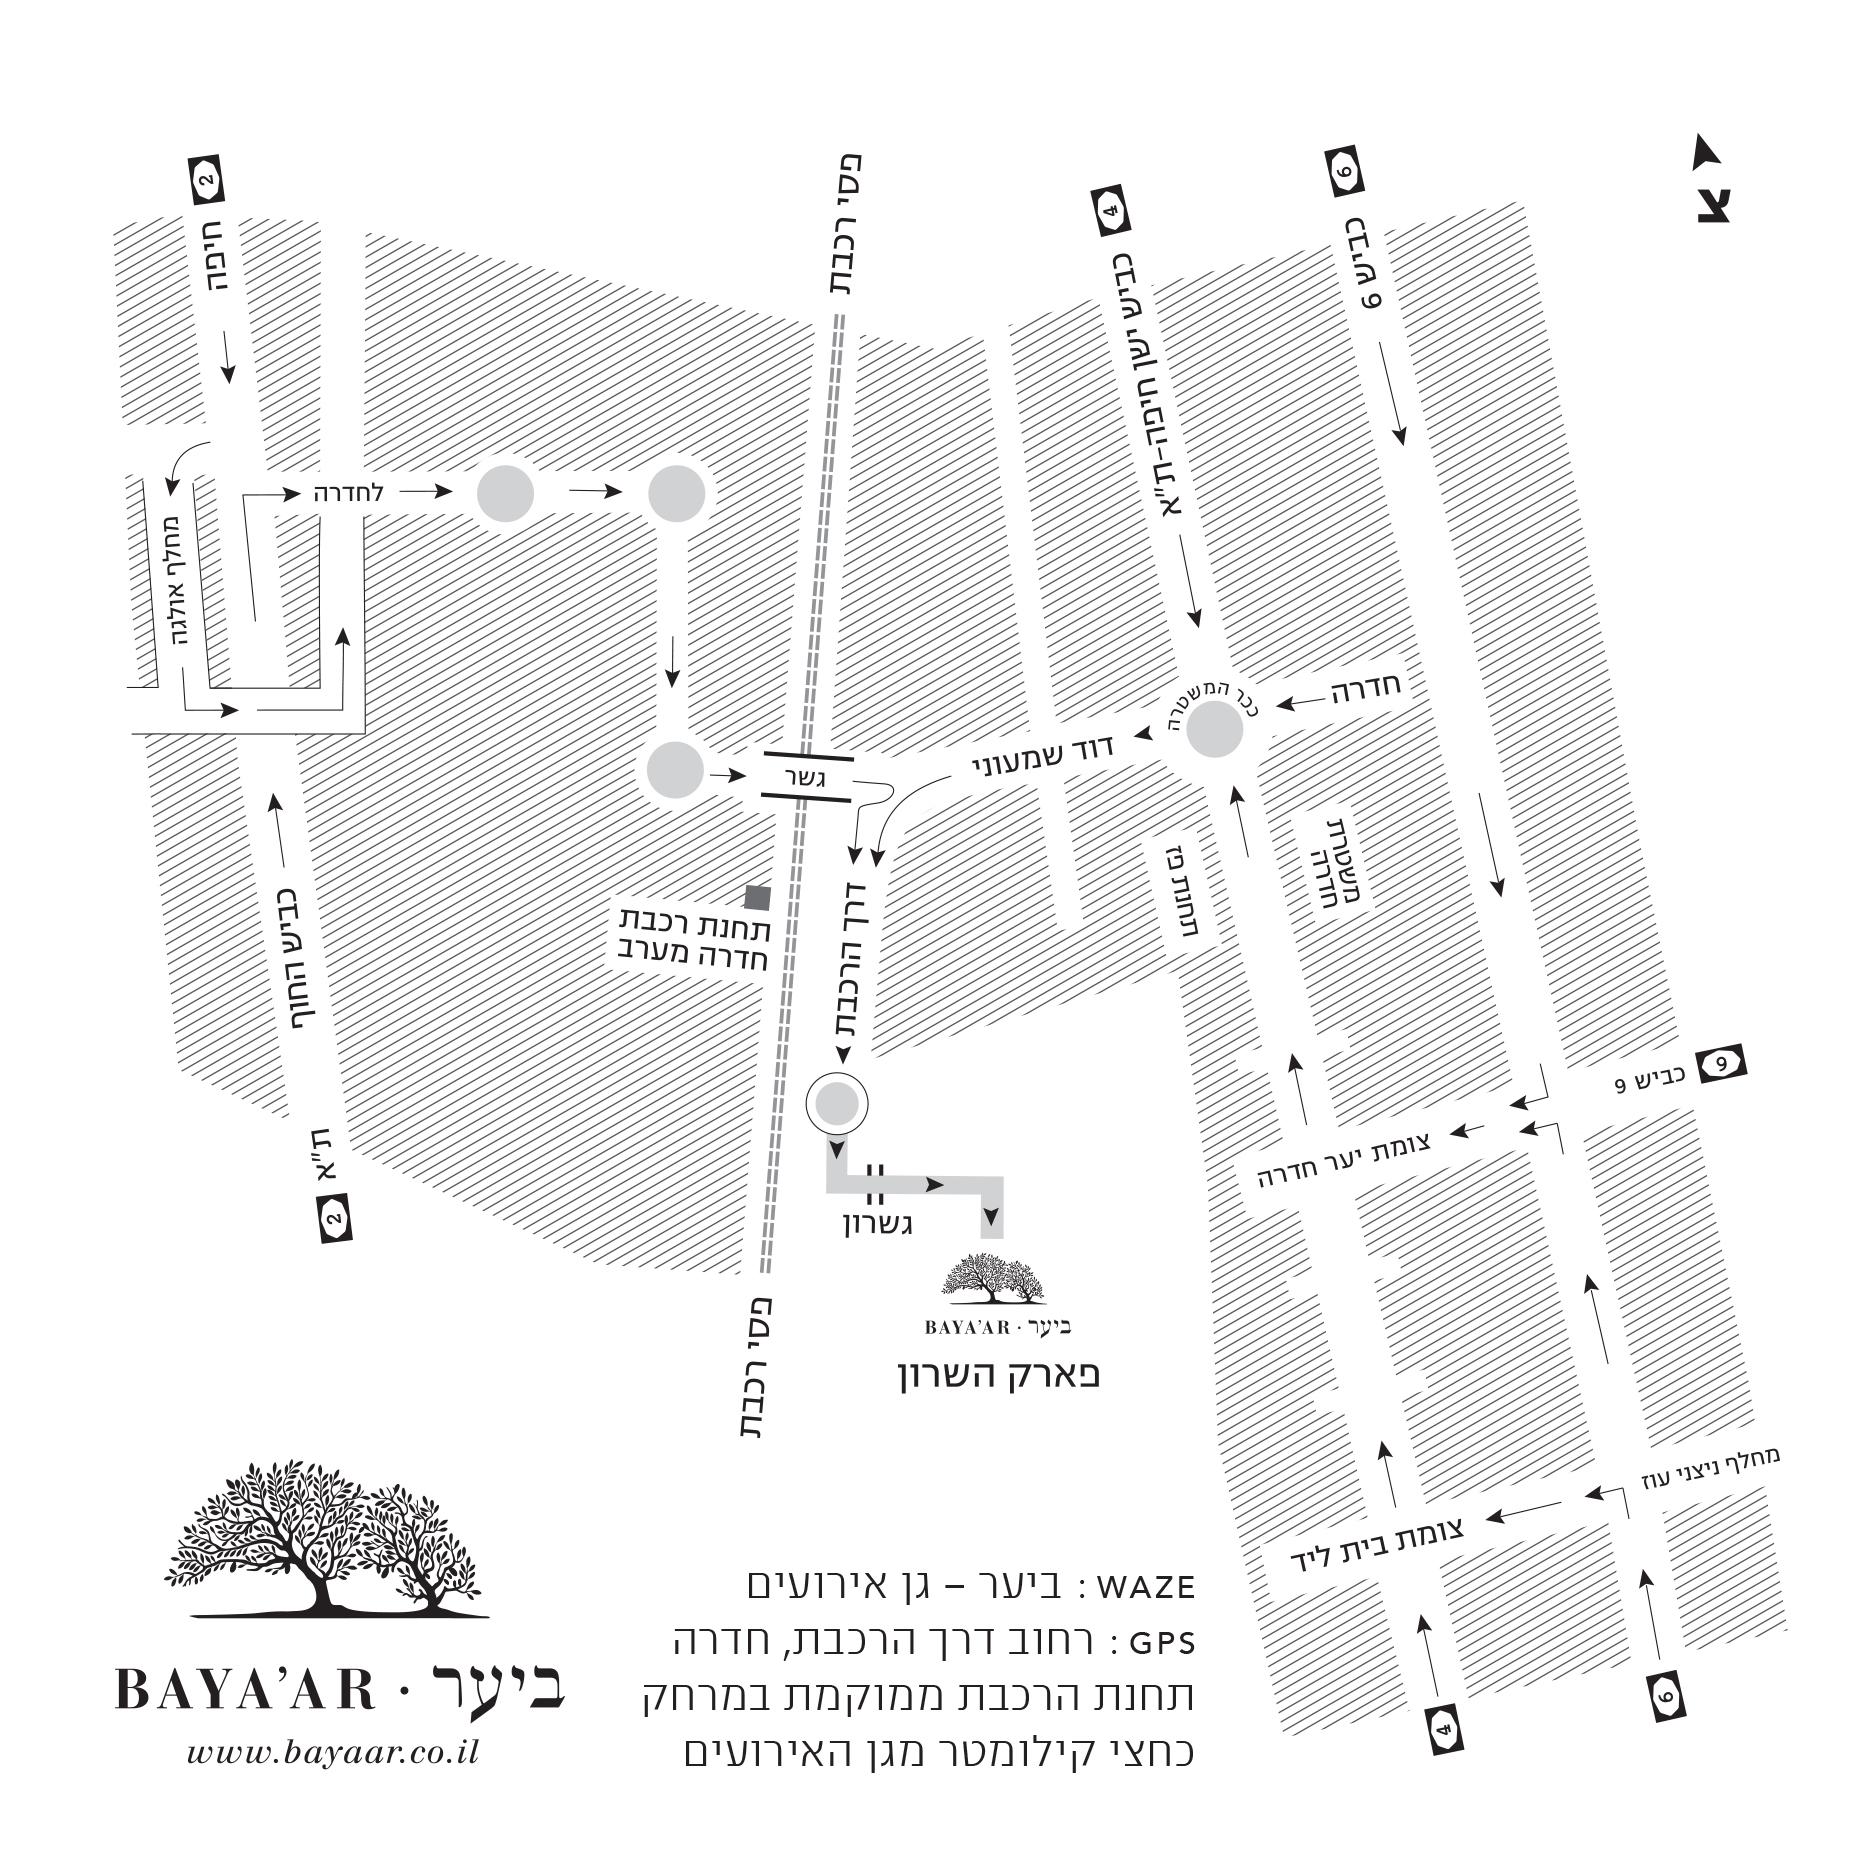 WAZE: ביער - גן אירועים. GPS: רחוב דרך הרכבת, חדרה. תחנת הרכבת ממוקמת במרחק כחצי קילומטר מגן האירועים.